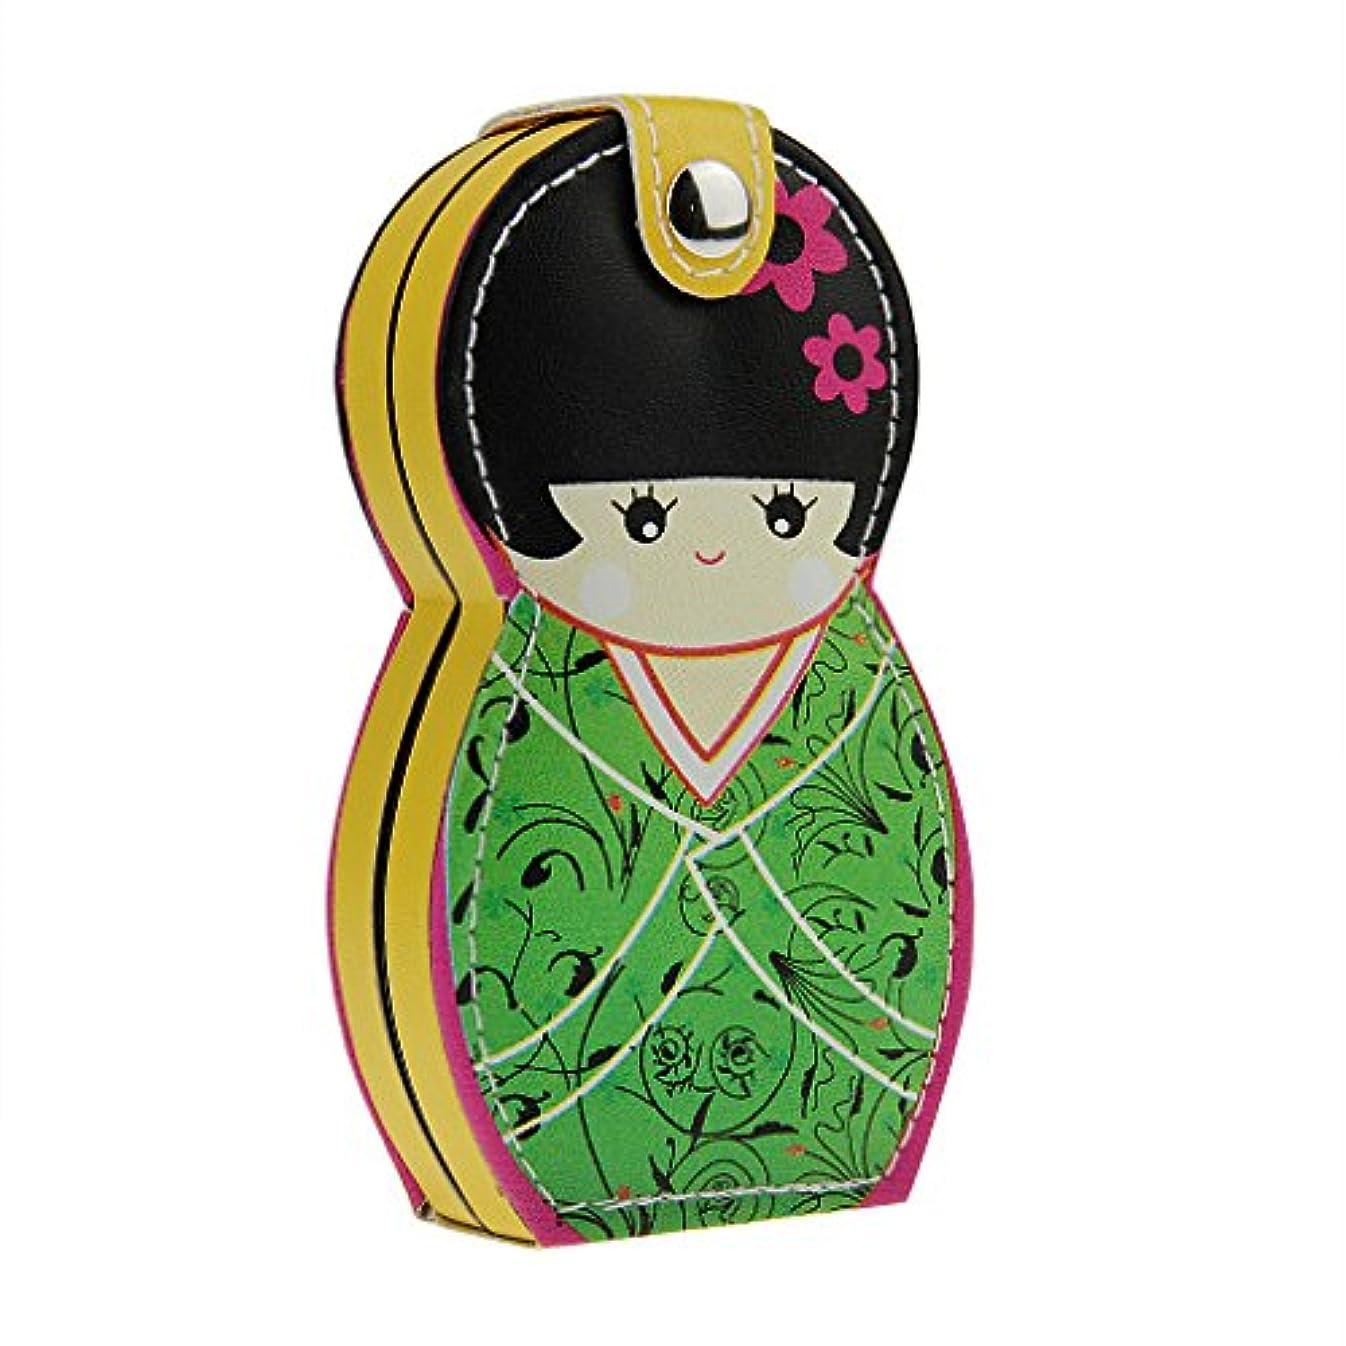 エキスパート最小サラミ爪切り ニッパー 爪切りセット ステンレス製 かわいい 日本人形 着物こけし 足用ニッパー 多機能はさみ ネイルケア 収納ケース付き 握りやすい 飛びにくい ギフト向け 携帯便利 旅行用 家庭用 贈り物 ガールズ レディース 6点セット